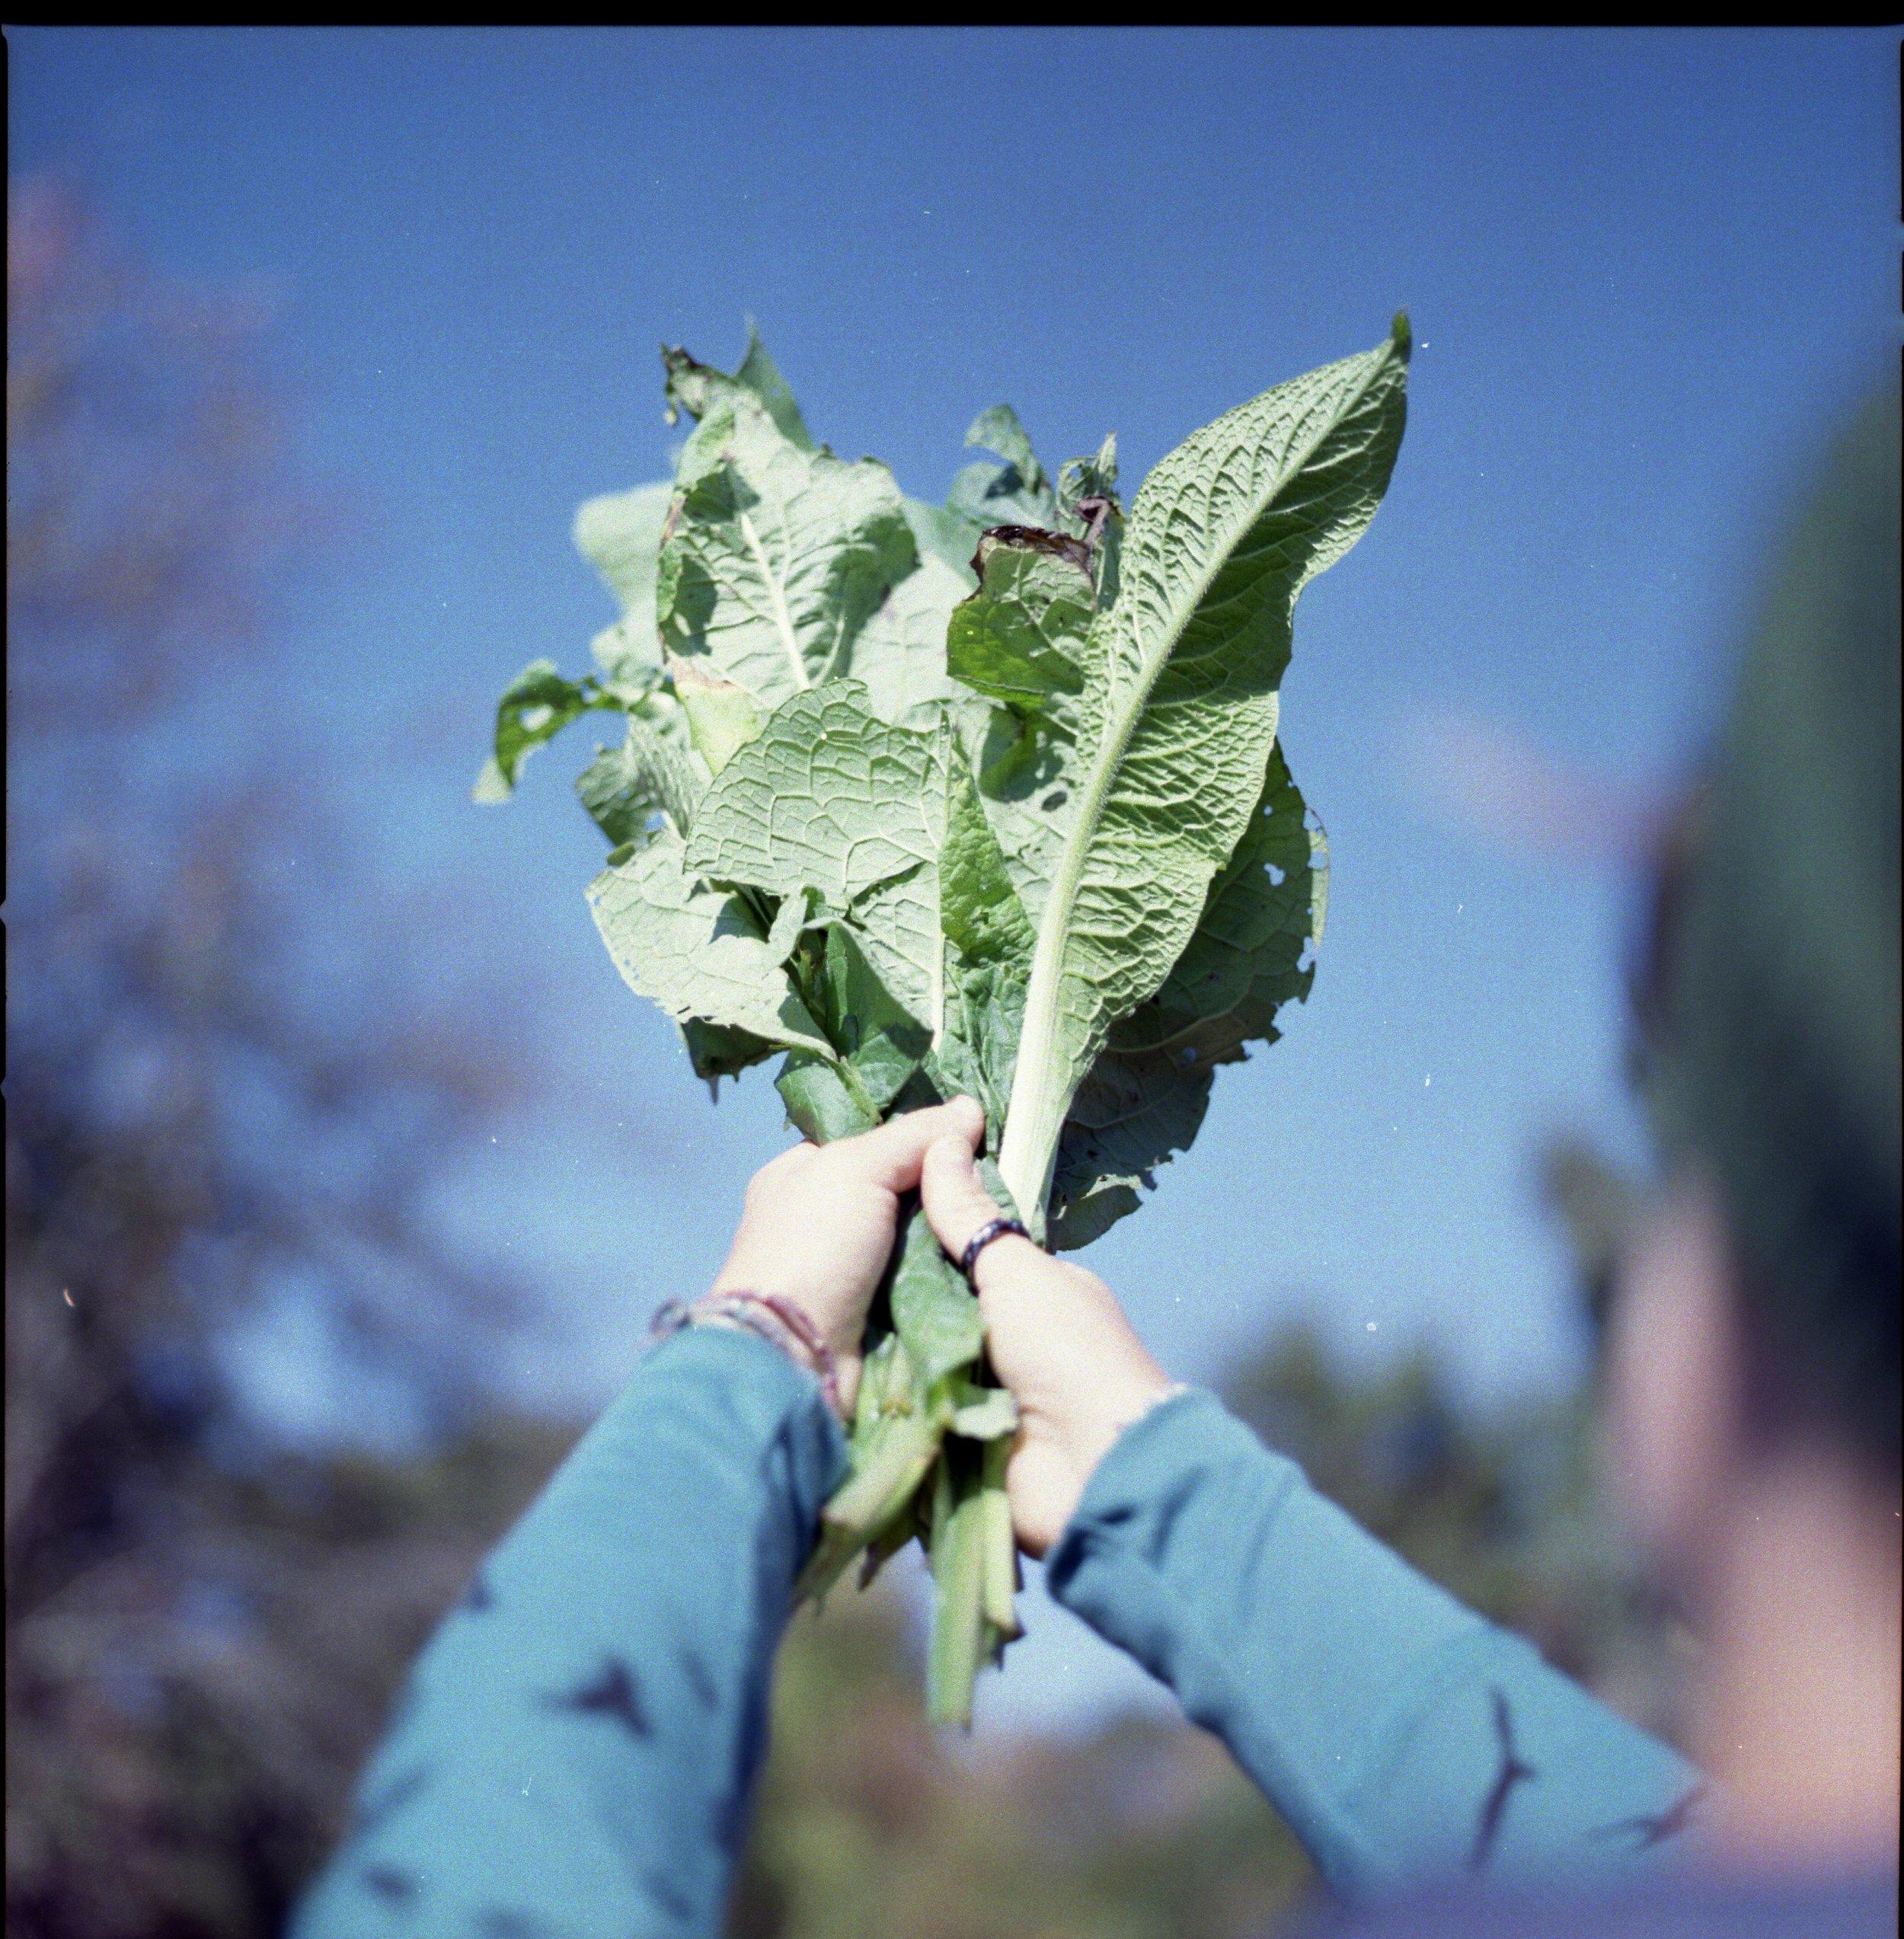 VEG_HerbalismOct26.Roll2_009.jpg